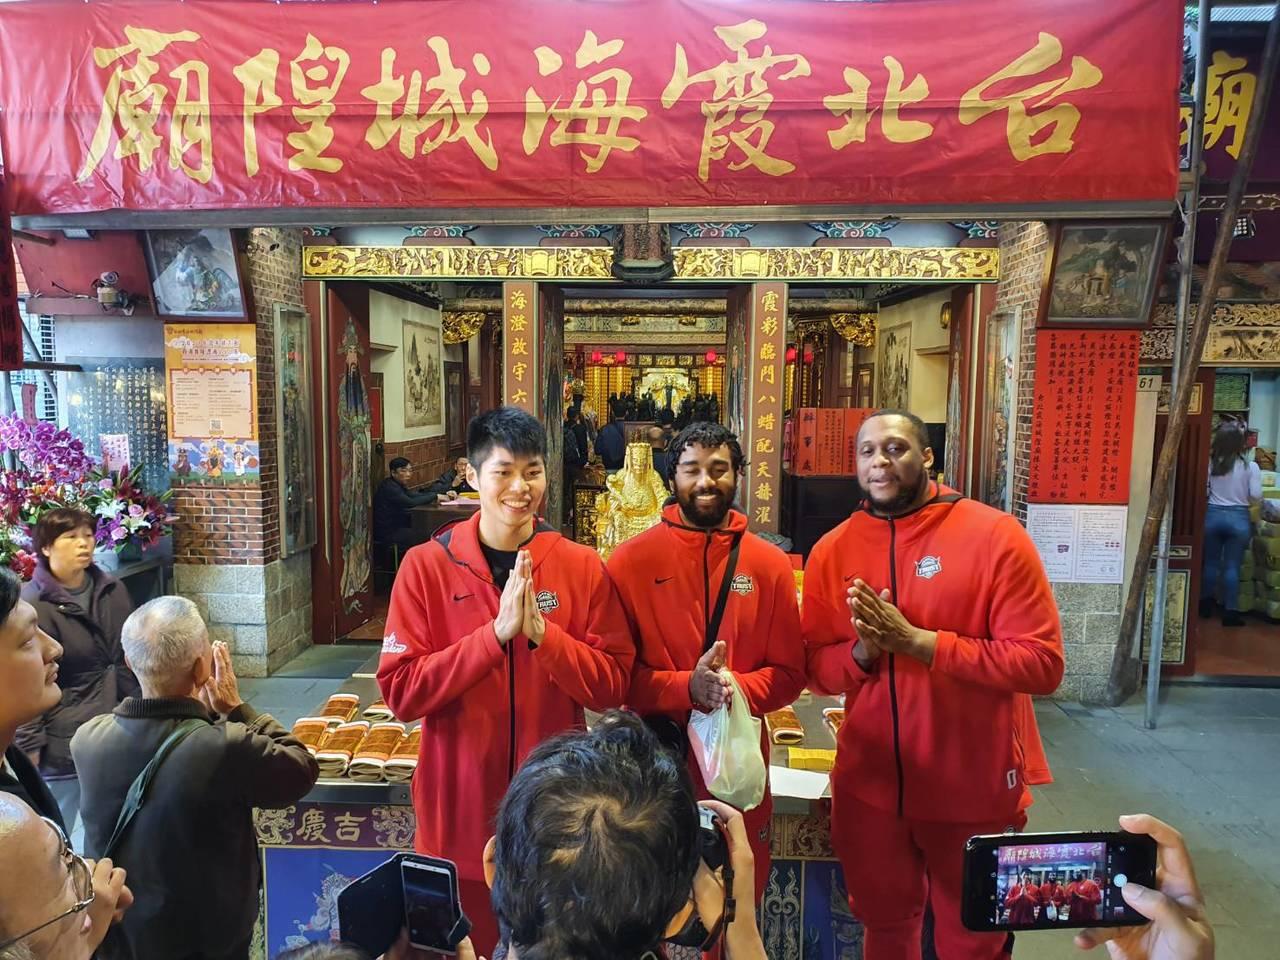 劉人豪(中)、瓊斯(中)、米歇爾(右)霞海城隍廟祈福。記者林宋以情/攝影